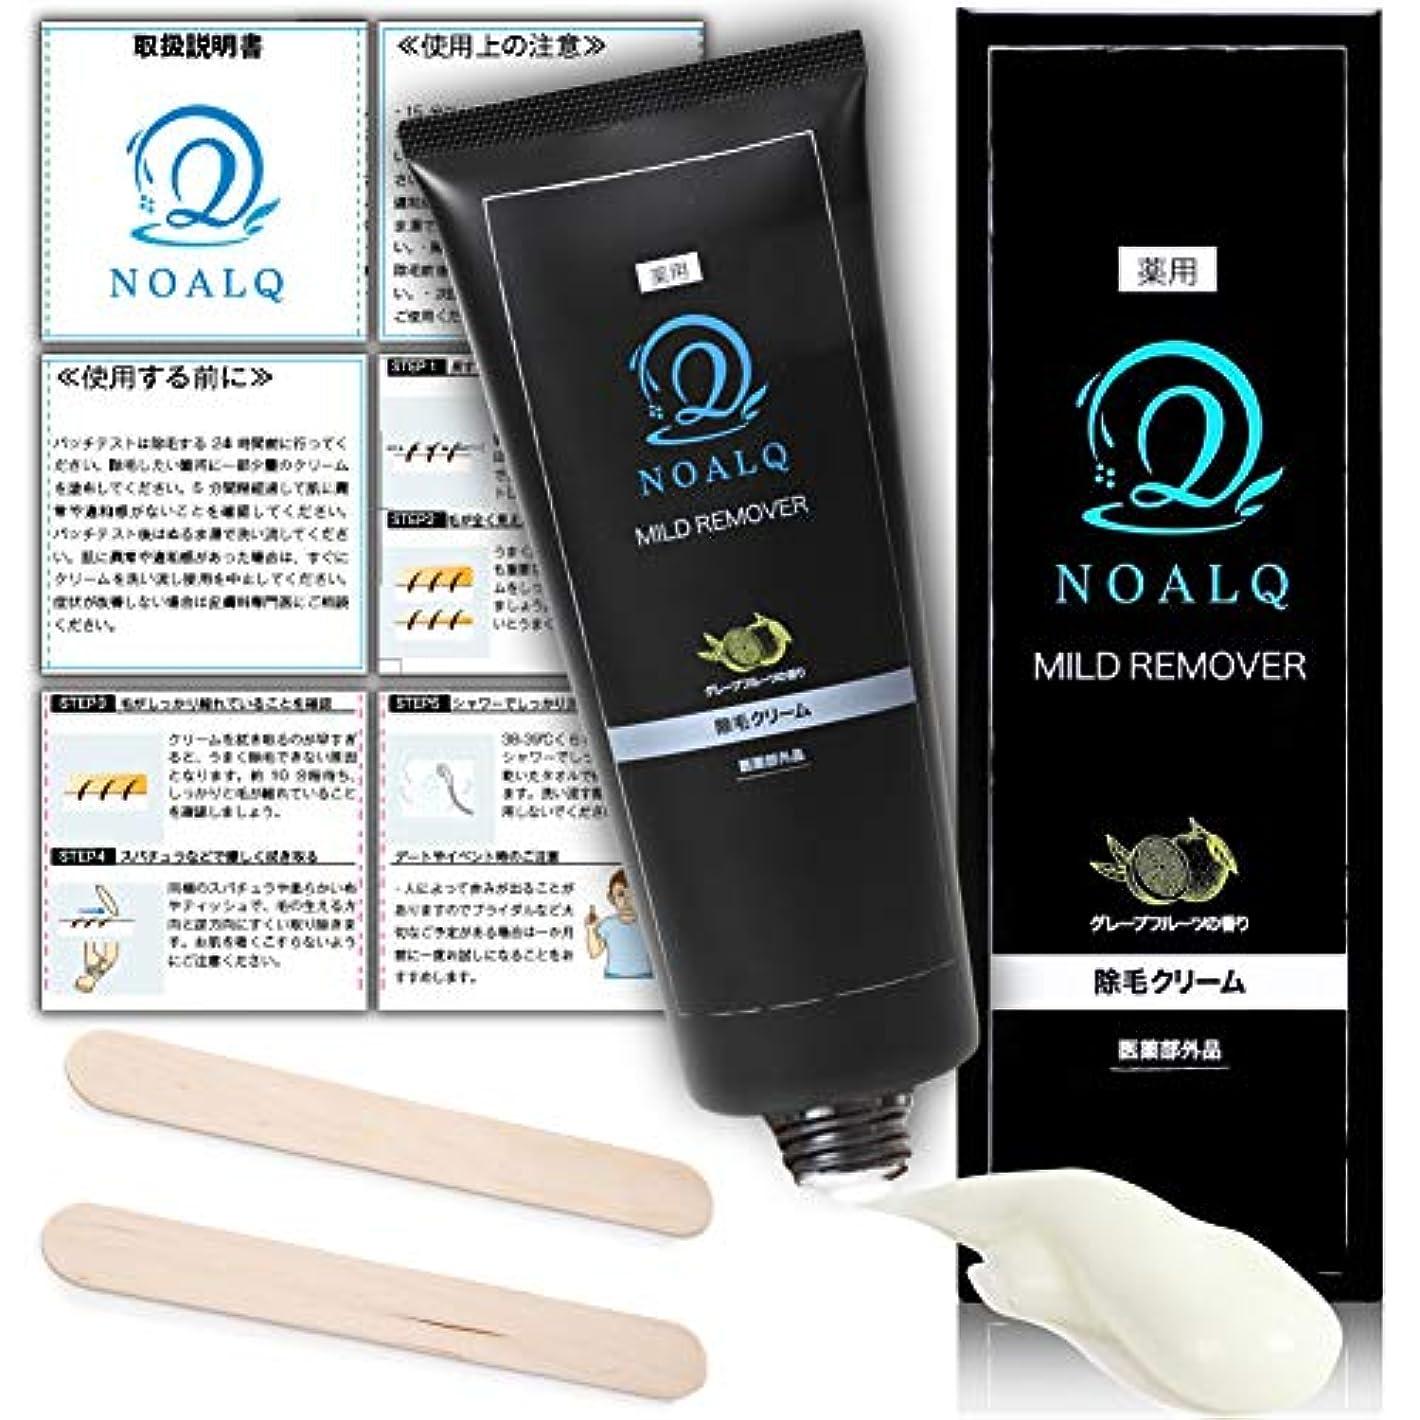 鷹事前にうっかりNOALQ(ノアルク) 除毛クリーム 薬用リムーバークリーム 超大容量220g メンズ [陰部/VIO/アンダーヘア/ボディ用] 日本製 グレープフルーツフレーバータイプ